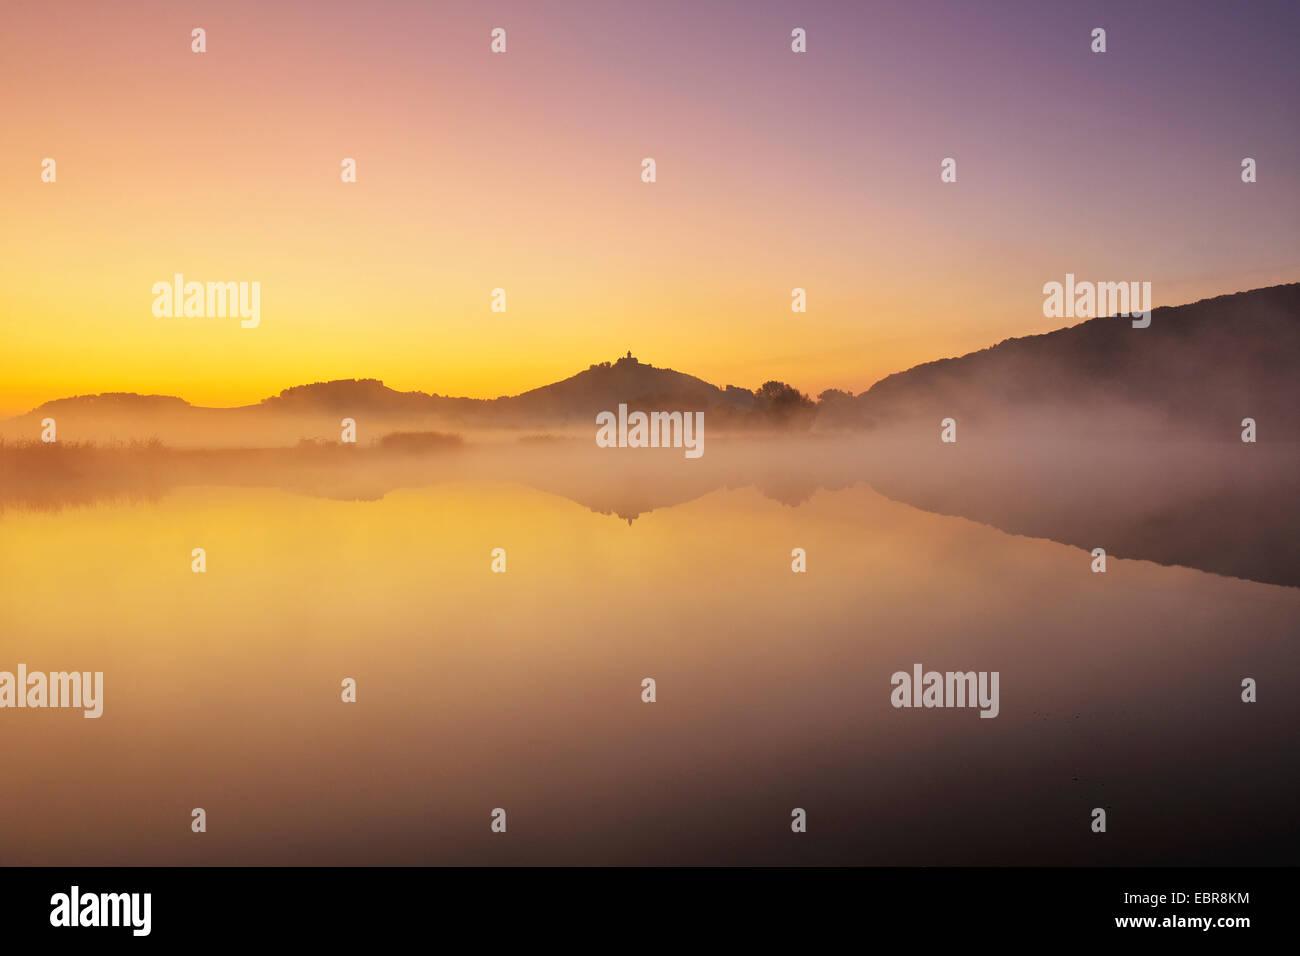 En la niebla de la mañana Wachsenburg reflejando en un lago, Alemania, Turingia, Drei Gleichen Imagen De Stock